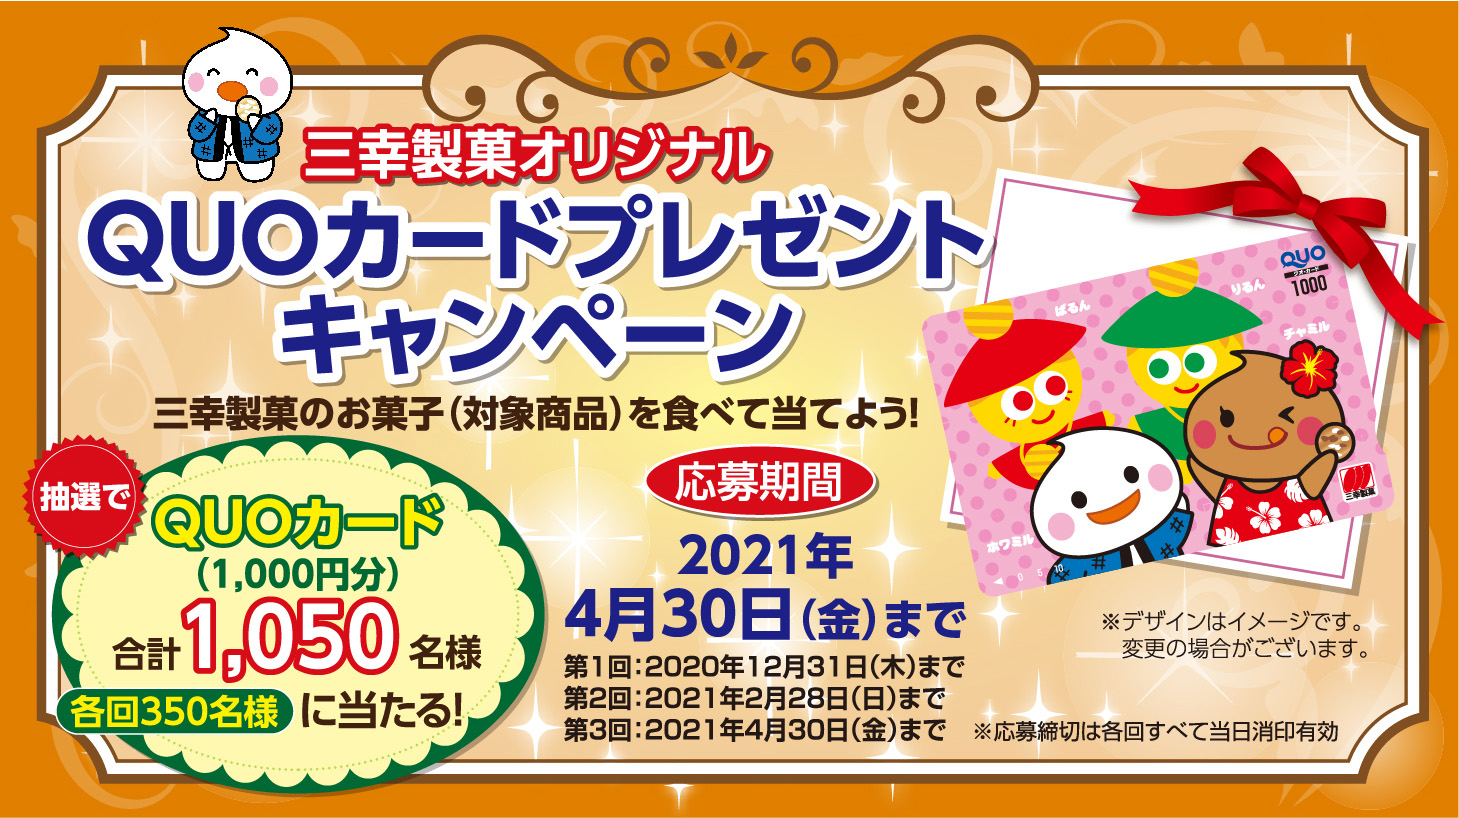 製菓 キャンペーン 三幸